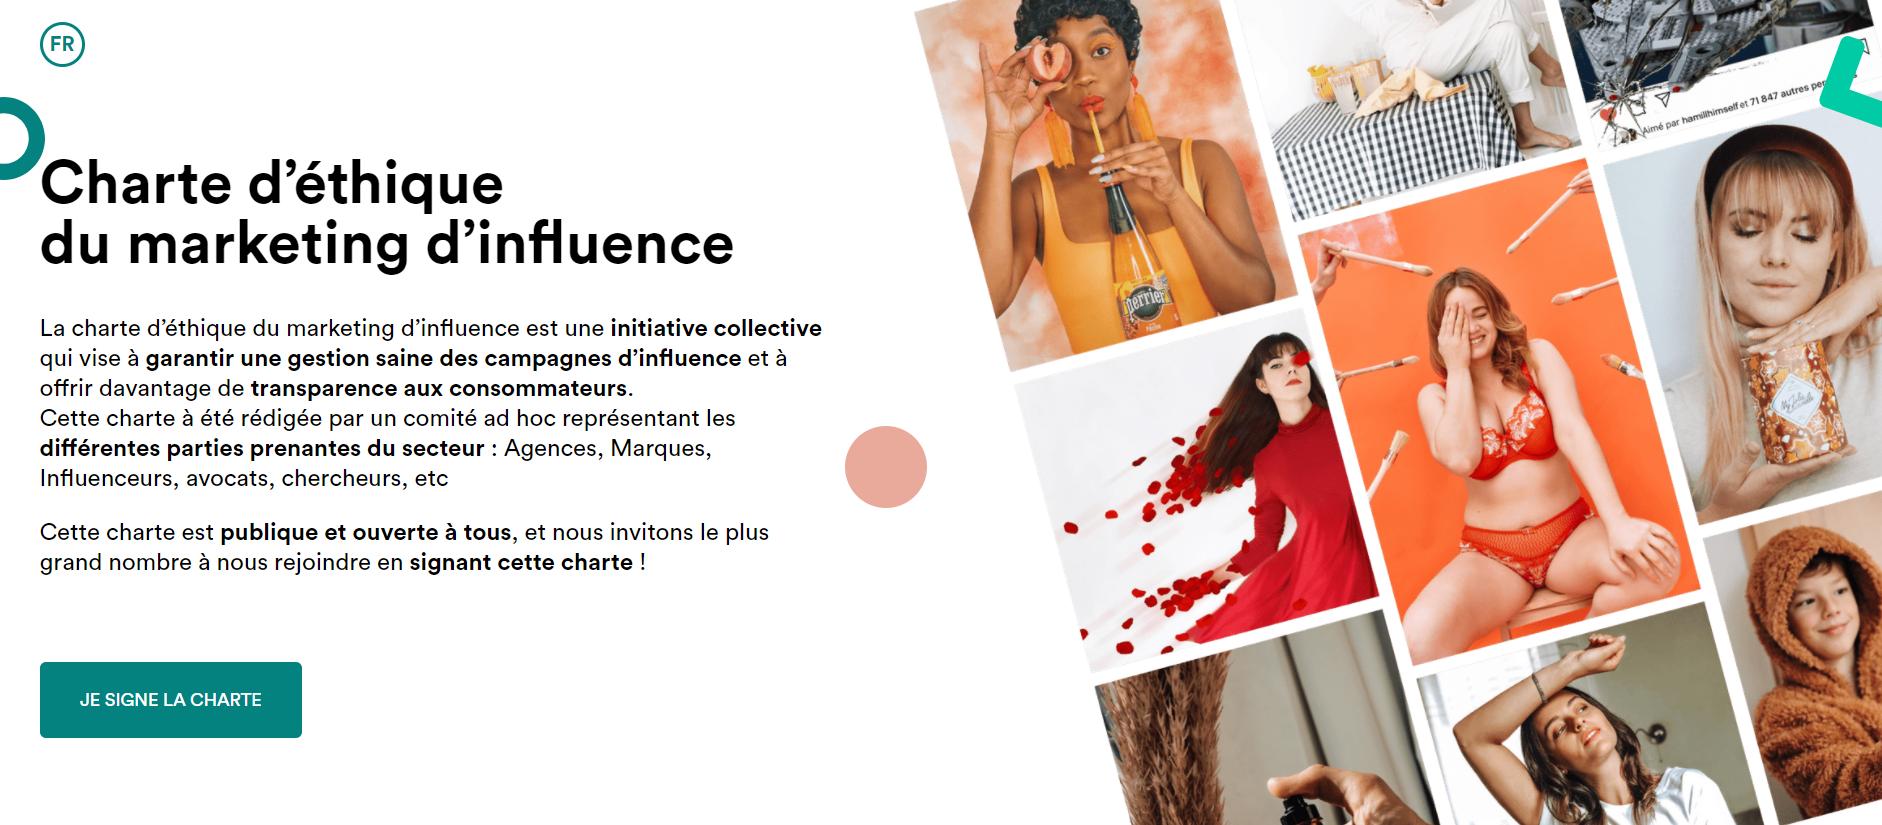 charte ethique influenceurs entreprises marques marketing d influence